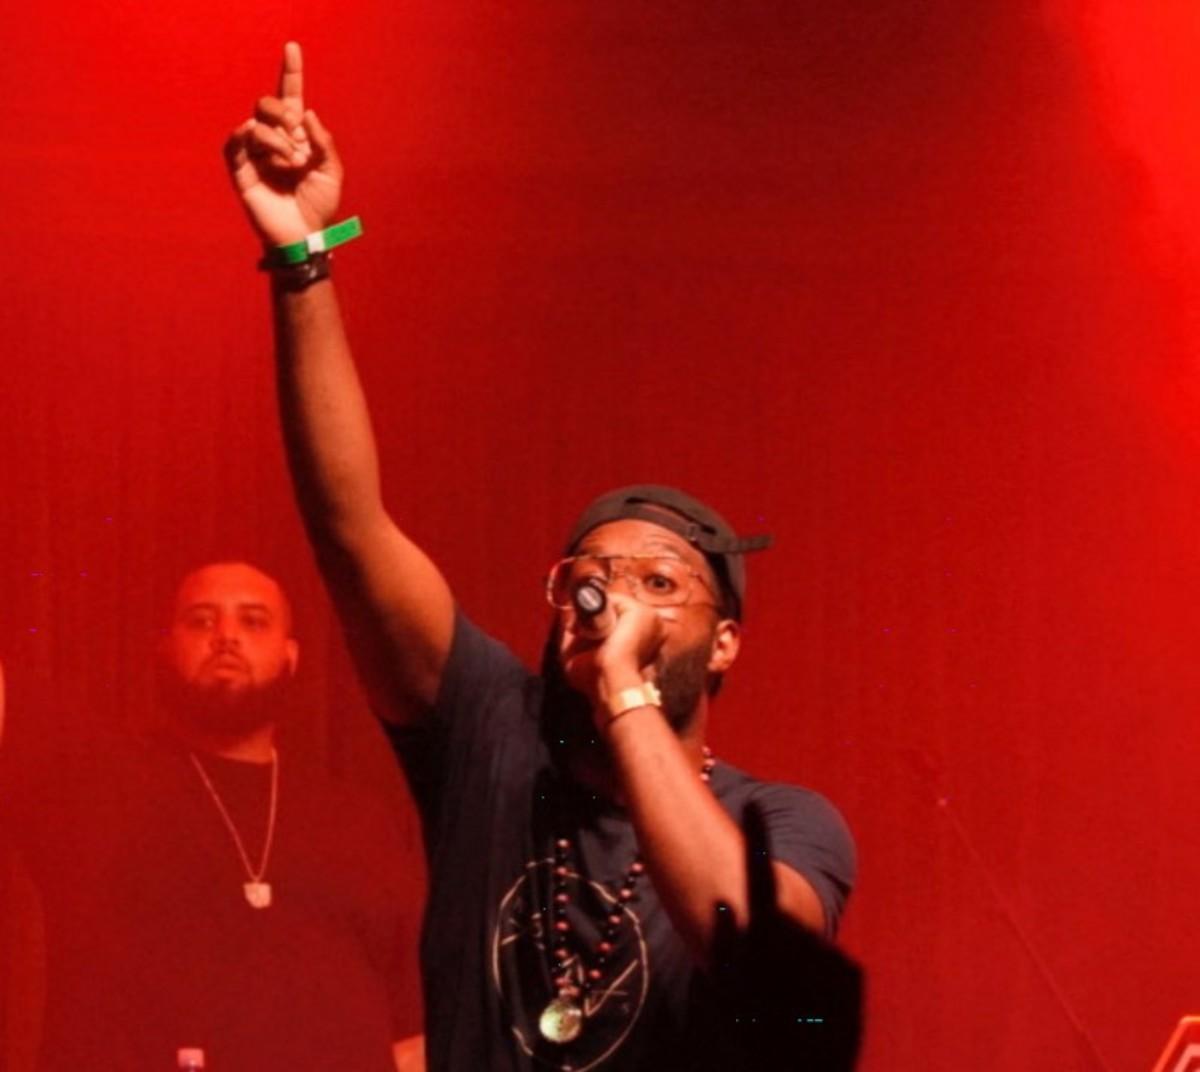 Mickey Factz concert photo courtesy of mickeyfactz.com